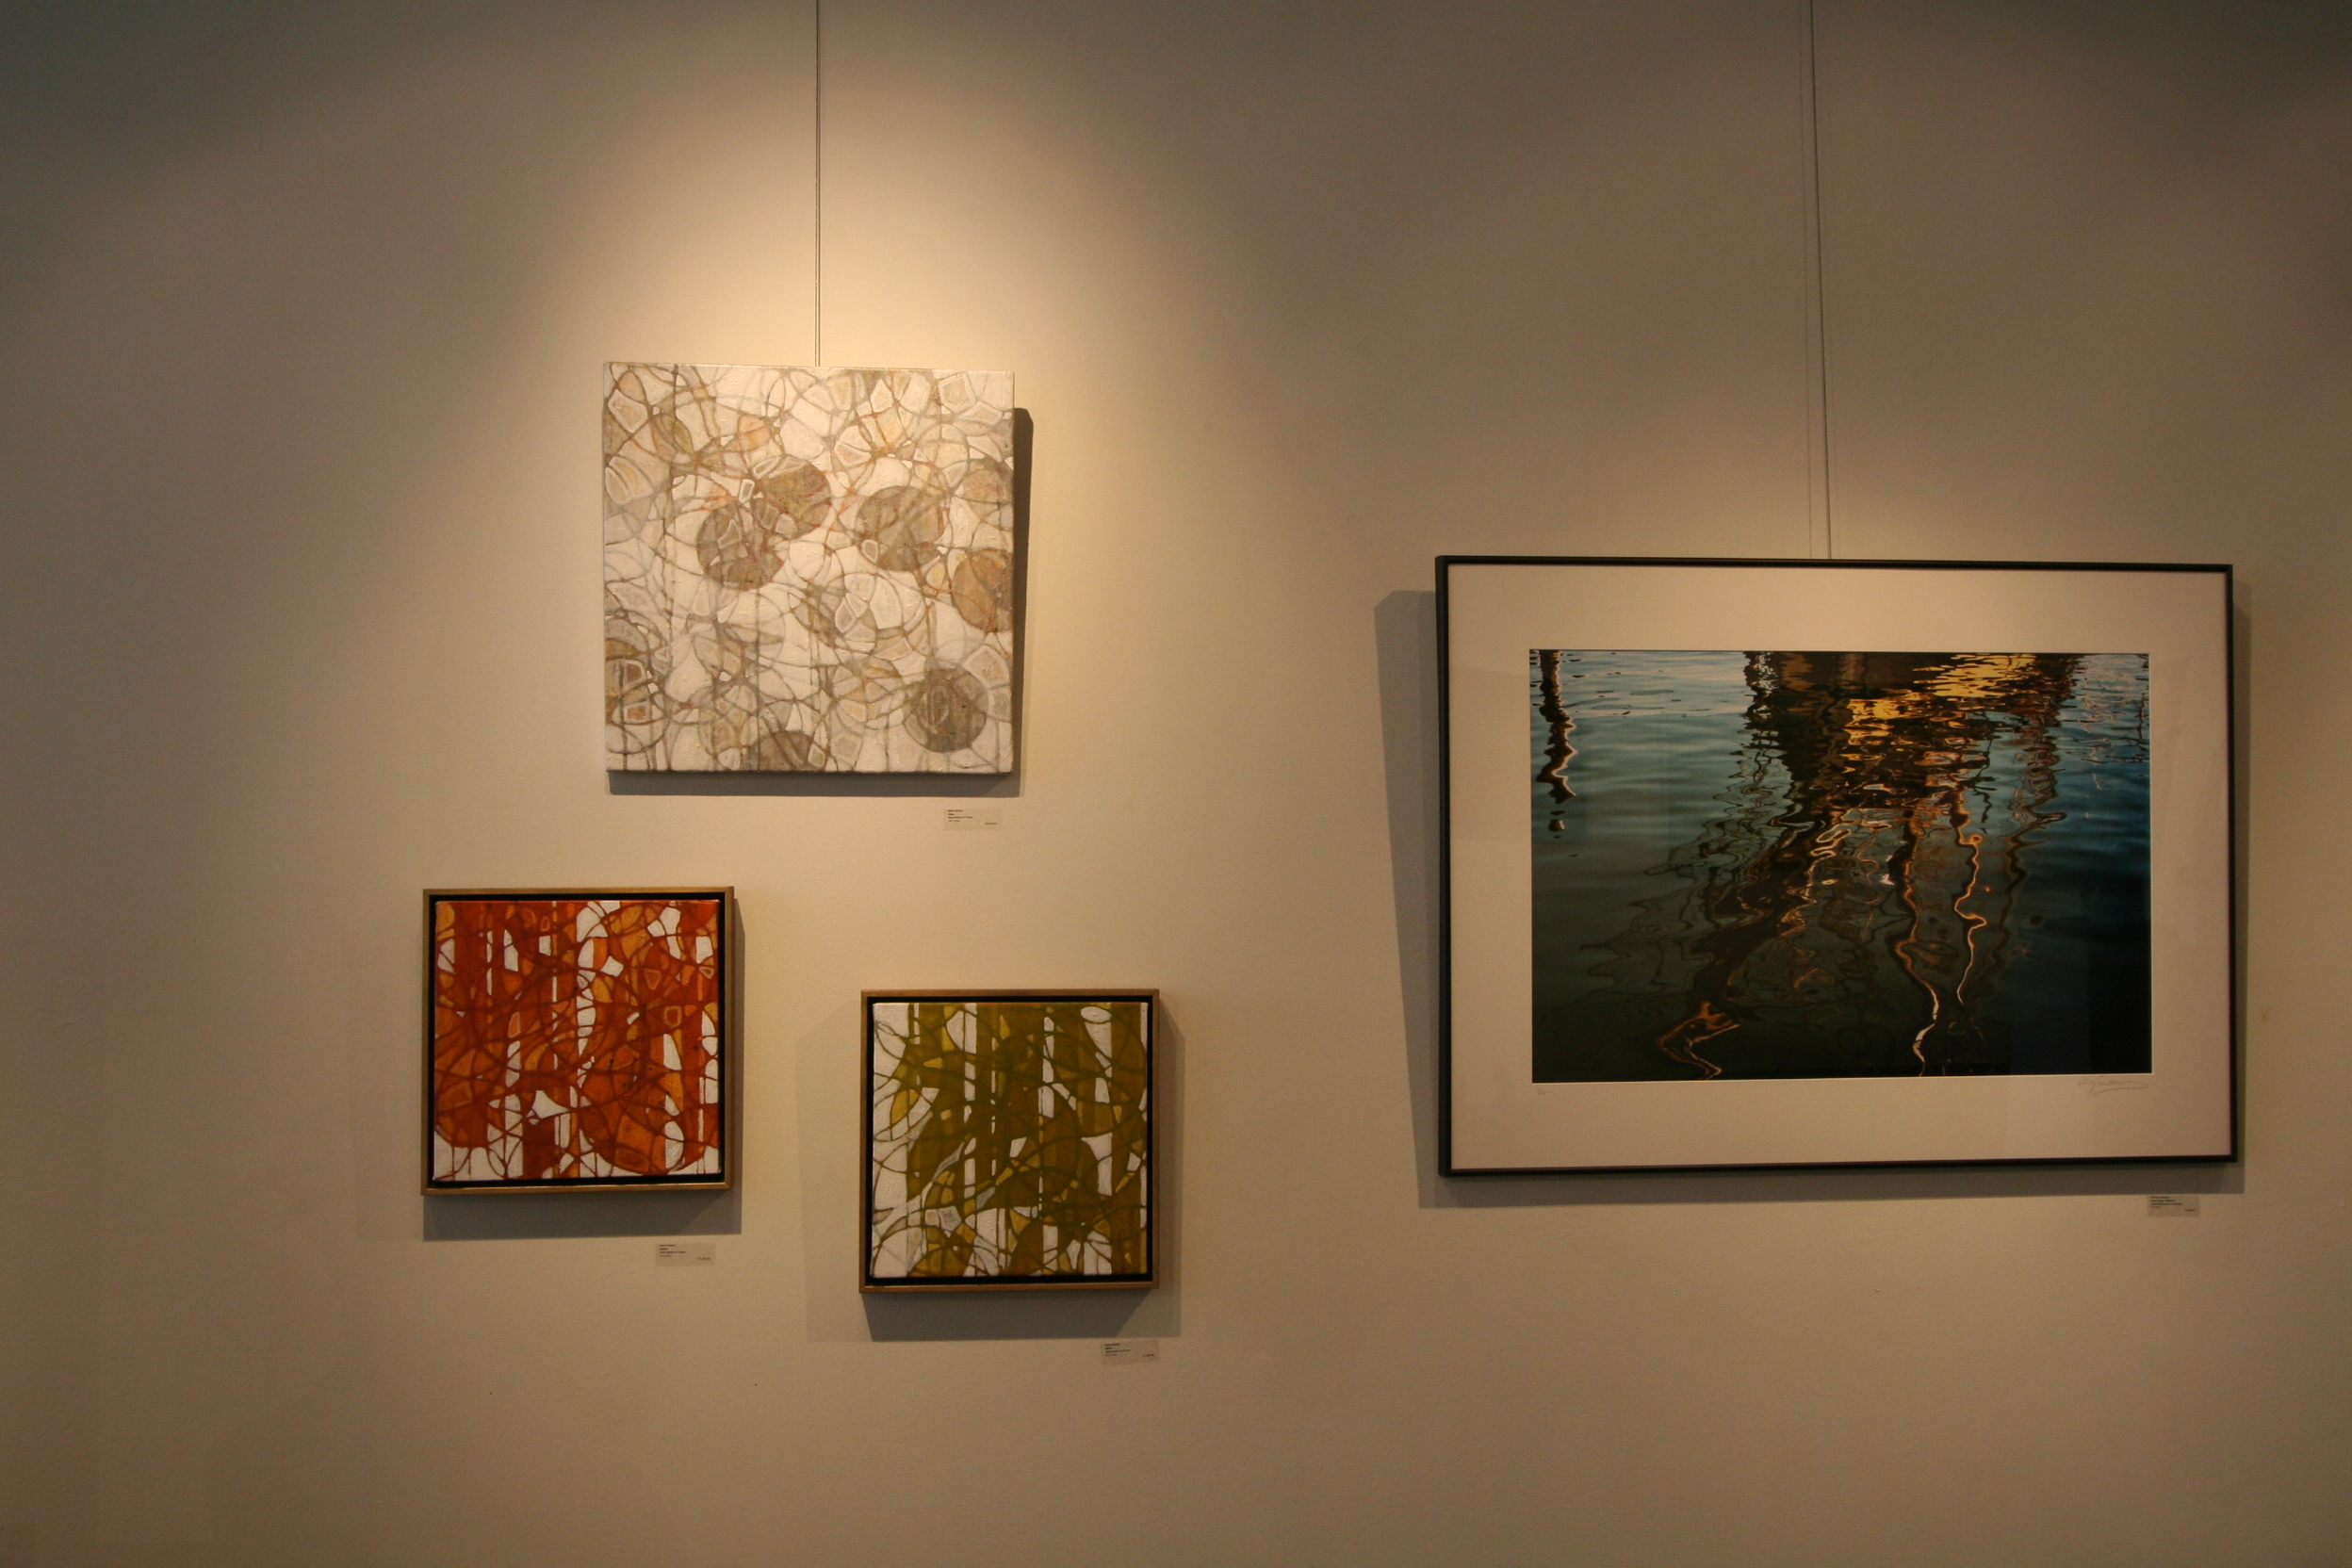 Works by  Kenn Kotara , photograph by  William Vandever